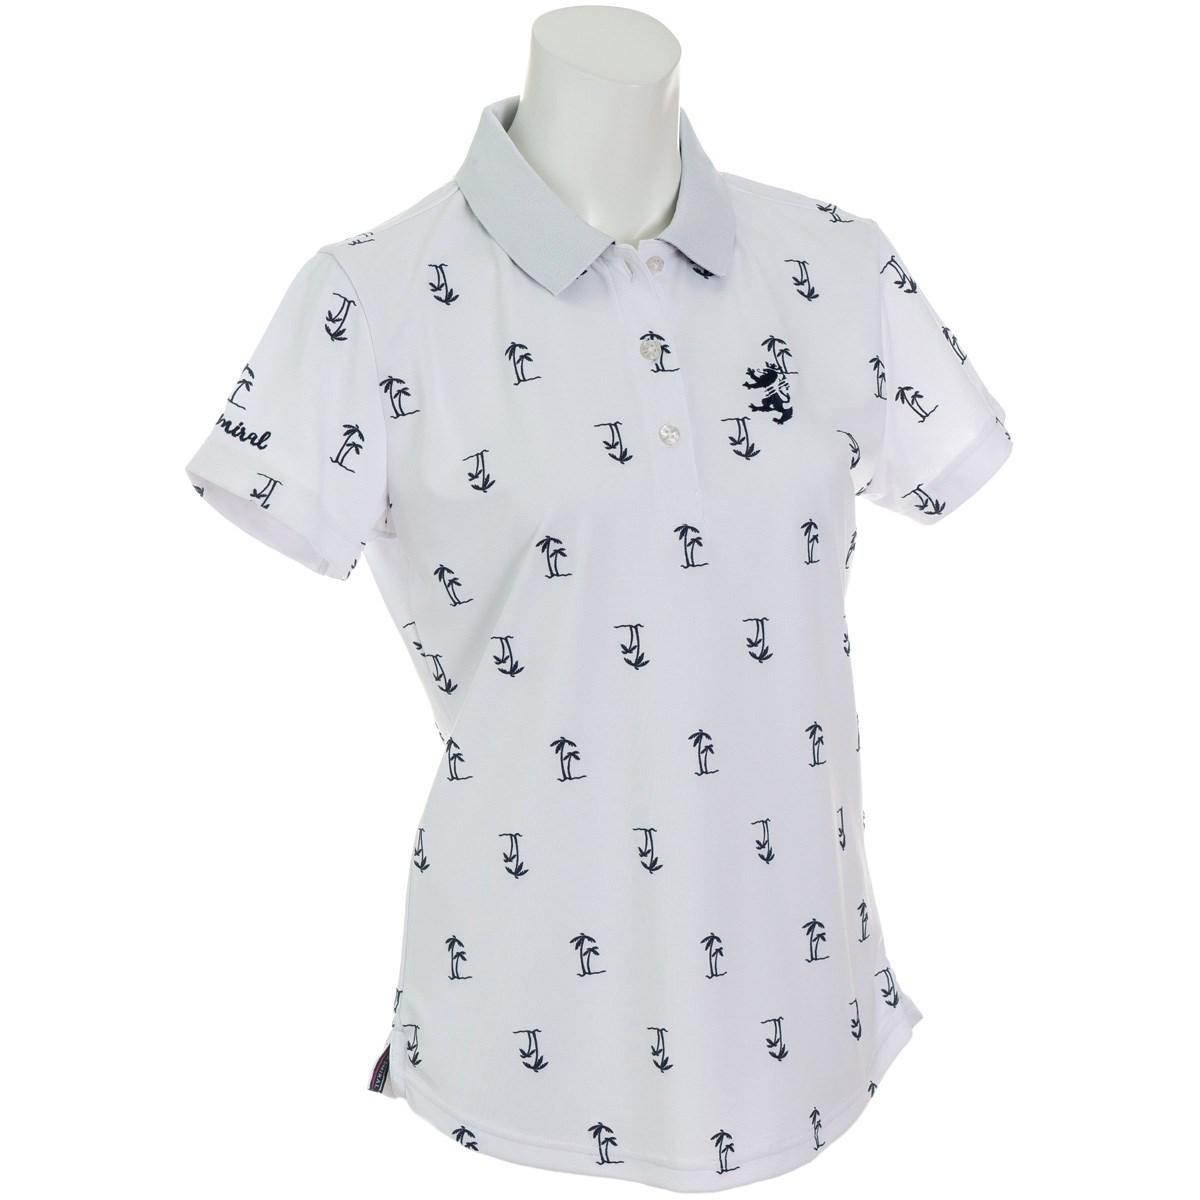 アドミラル Admiral ヤシノキ柄プリント 半袖ポロシャツ S ホワイト 00 レディス